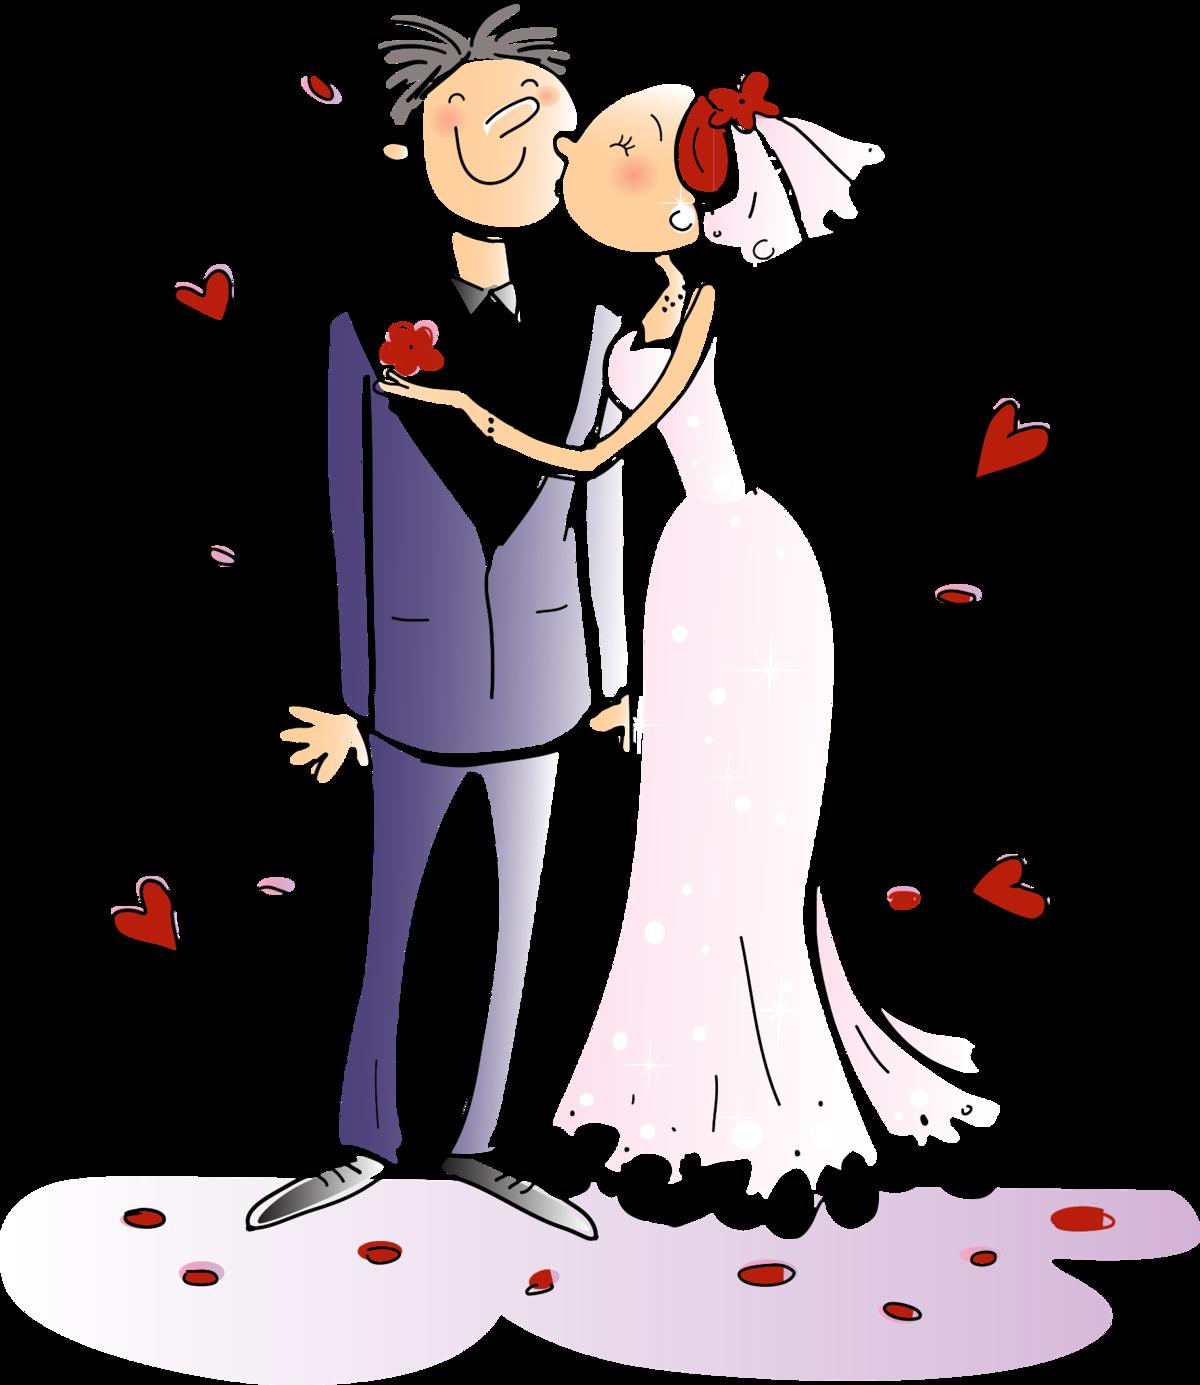 отсутствии мультяшные картинки на свадебную тематику должны понимать